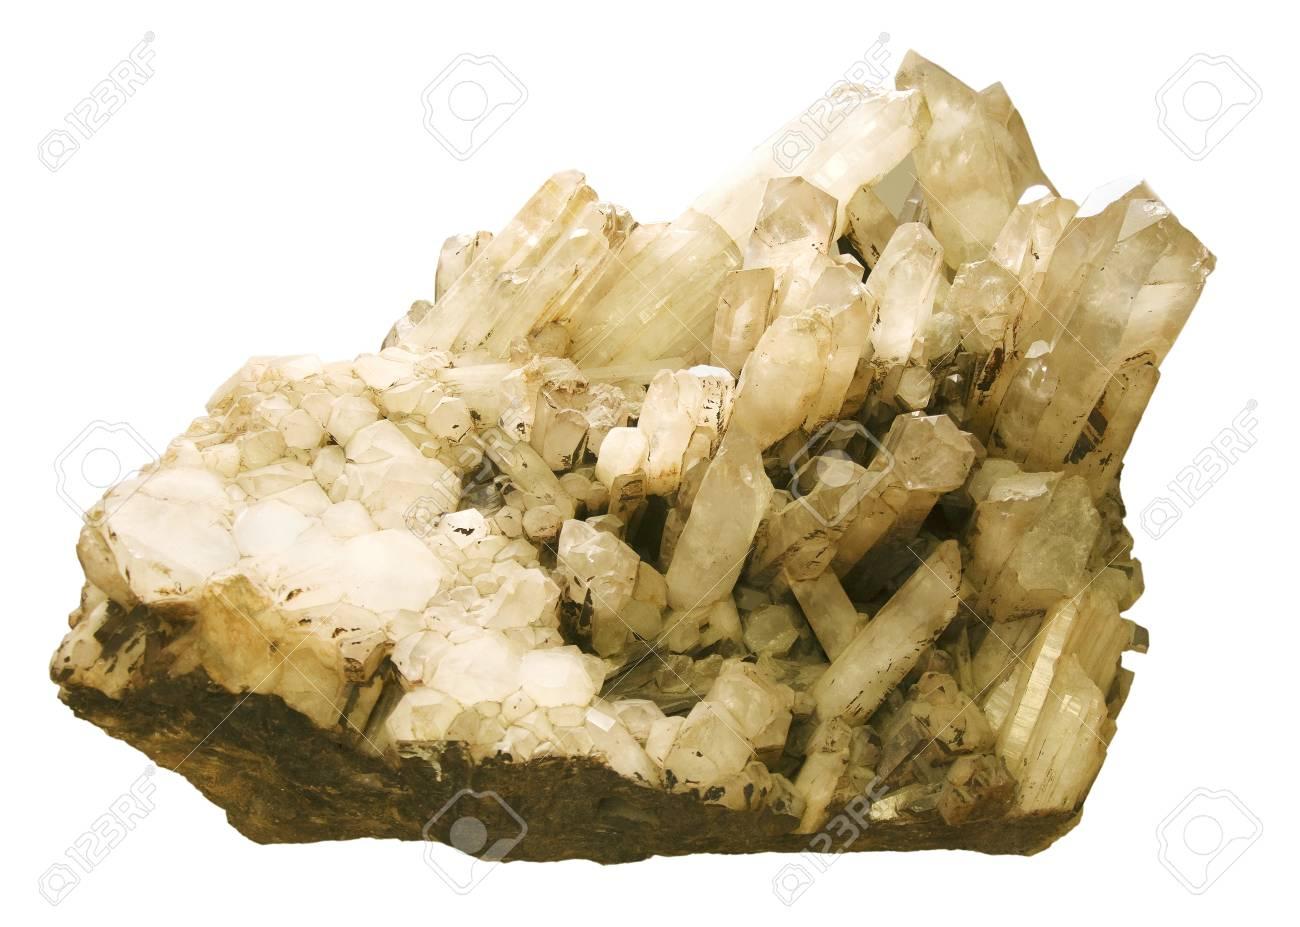 druse of quartz on a white background Stock Photo - 18235175